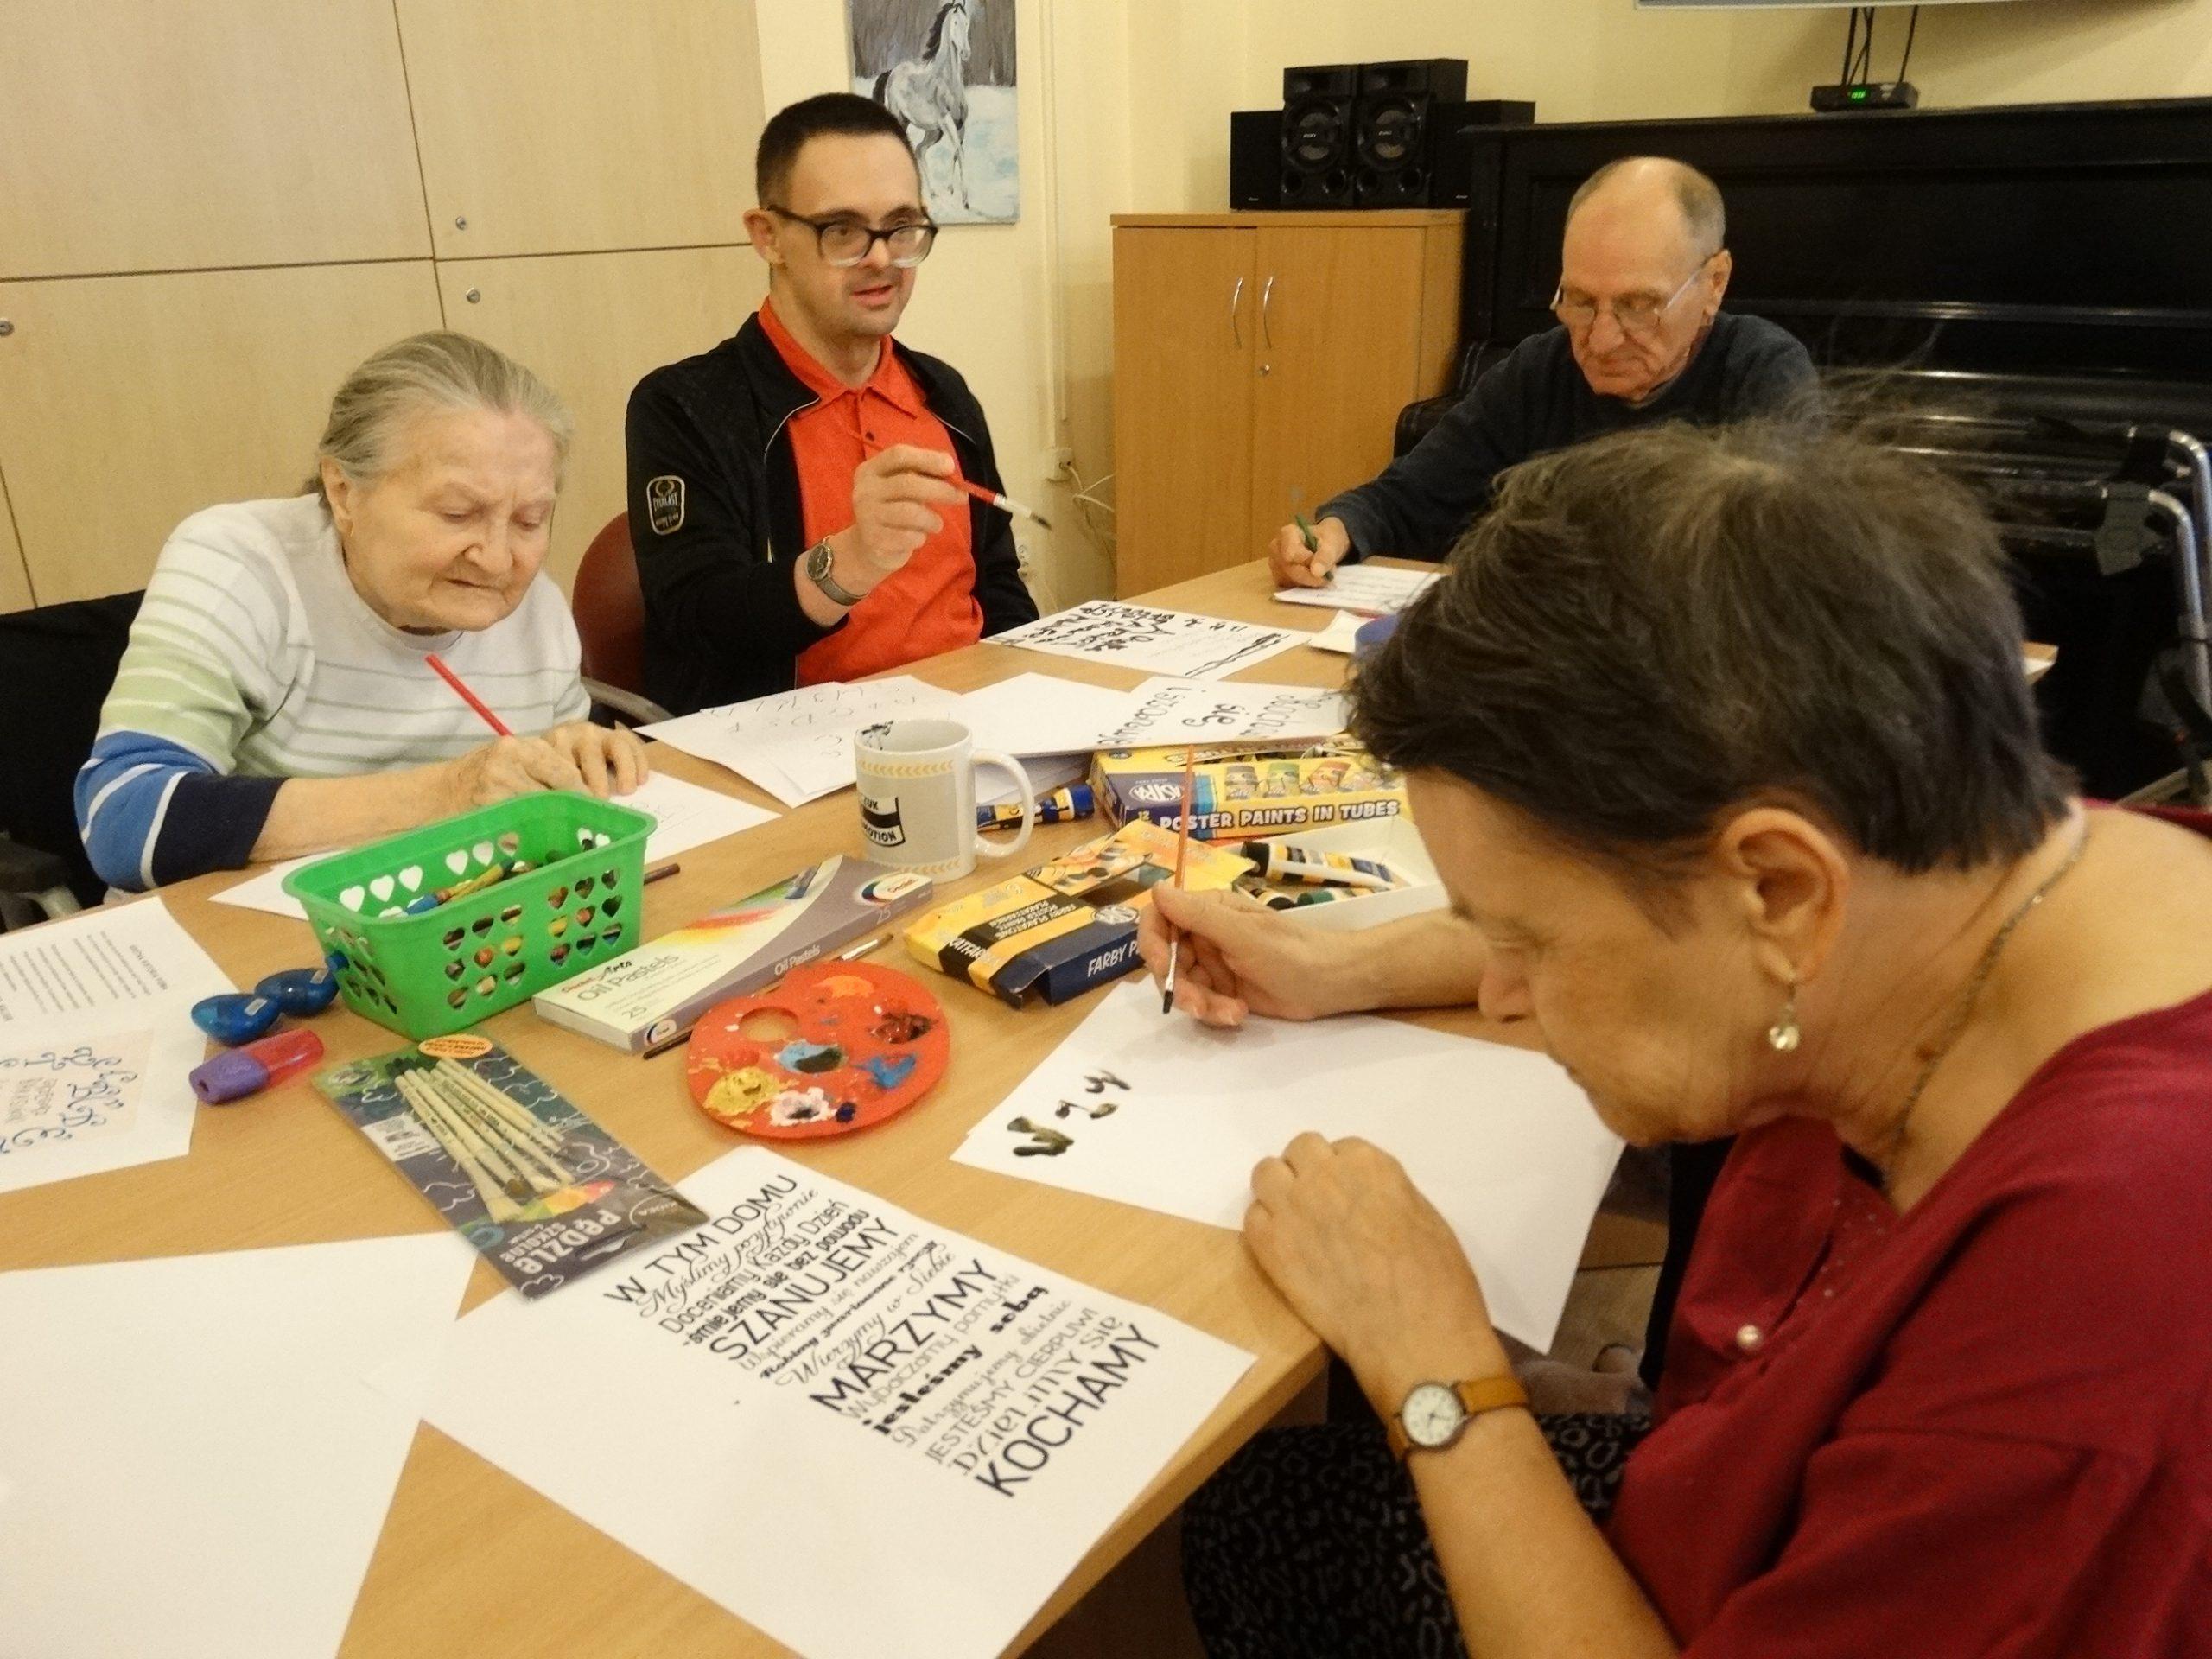 Grupa Mieszkańców zapisuje tekst na kartkach w trakcie warsztatów poligarficznych